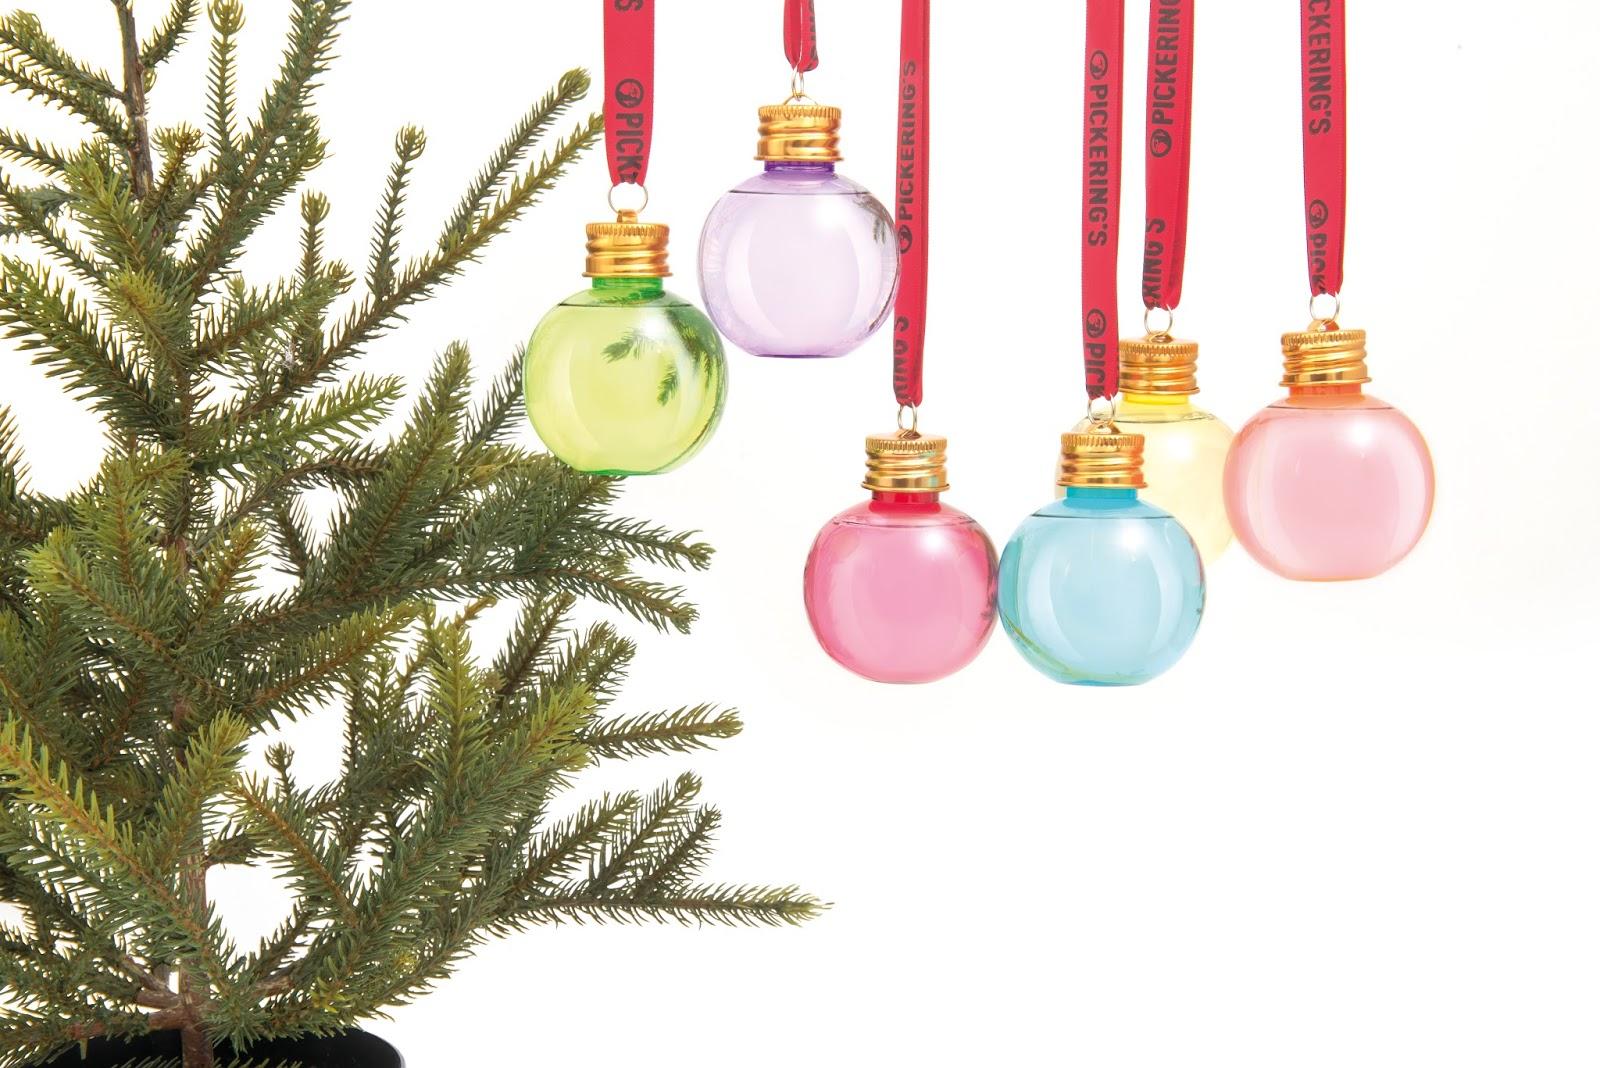 Pickering's gin transforme les boules de Noël en mini-shot